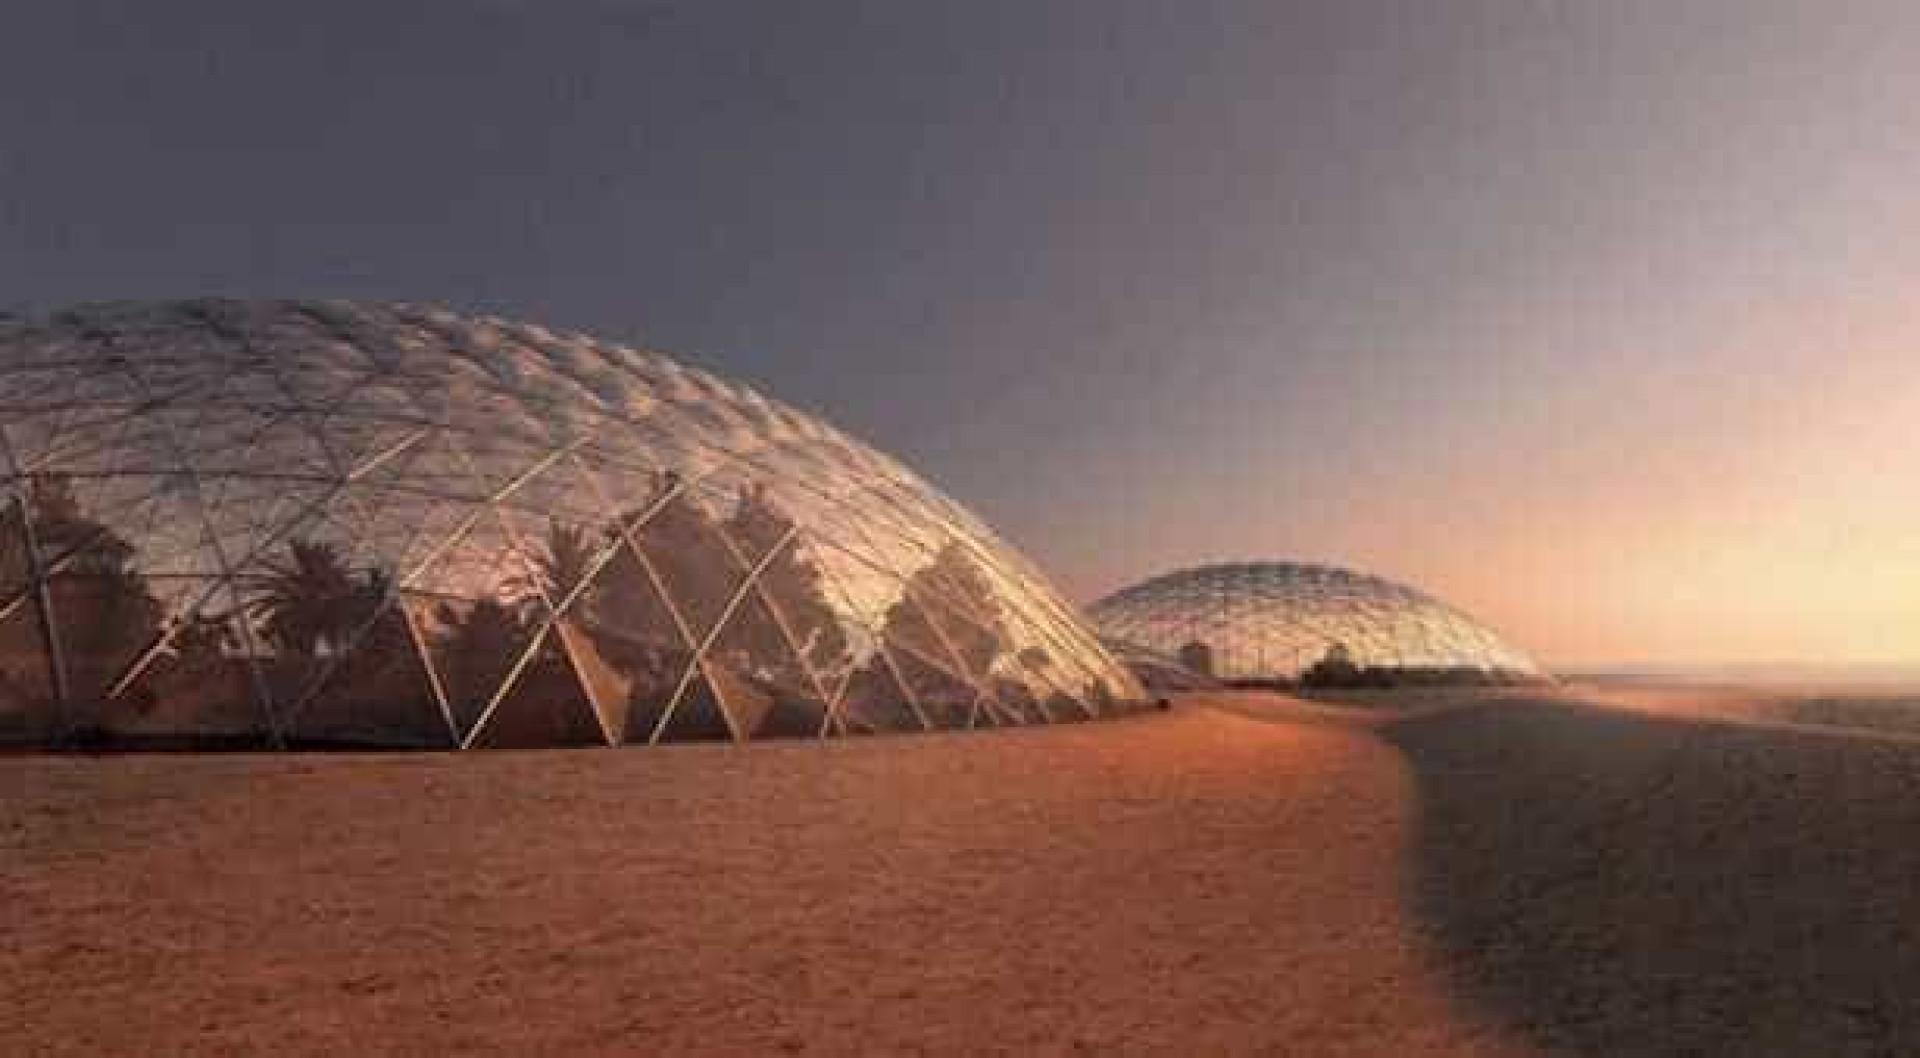 Dubai quer construir cidade no deserto para simular vida em Marte